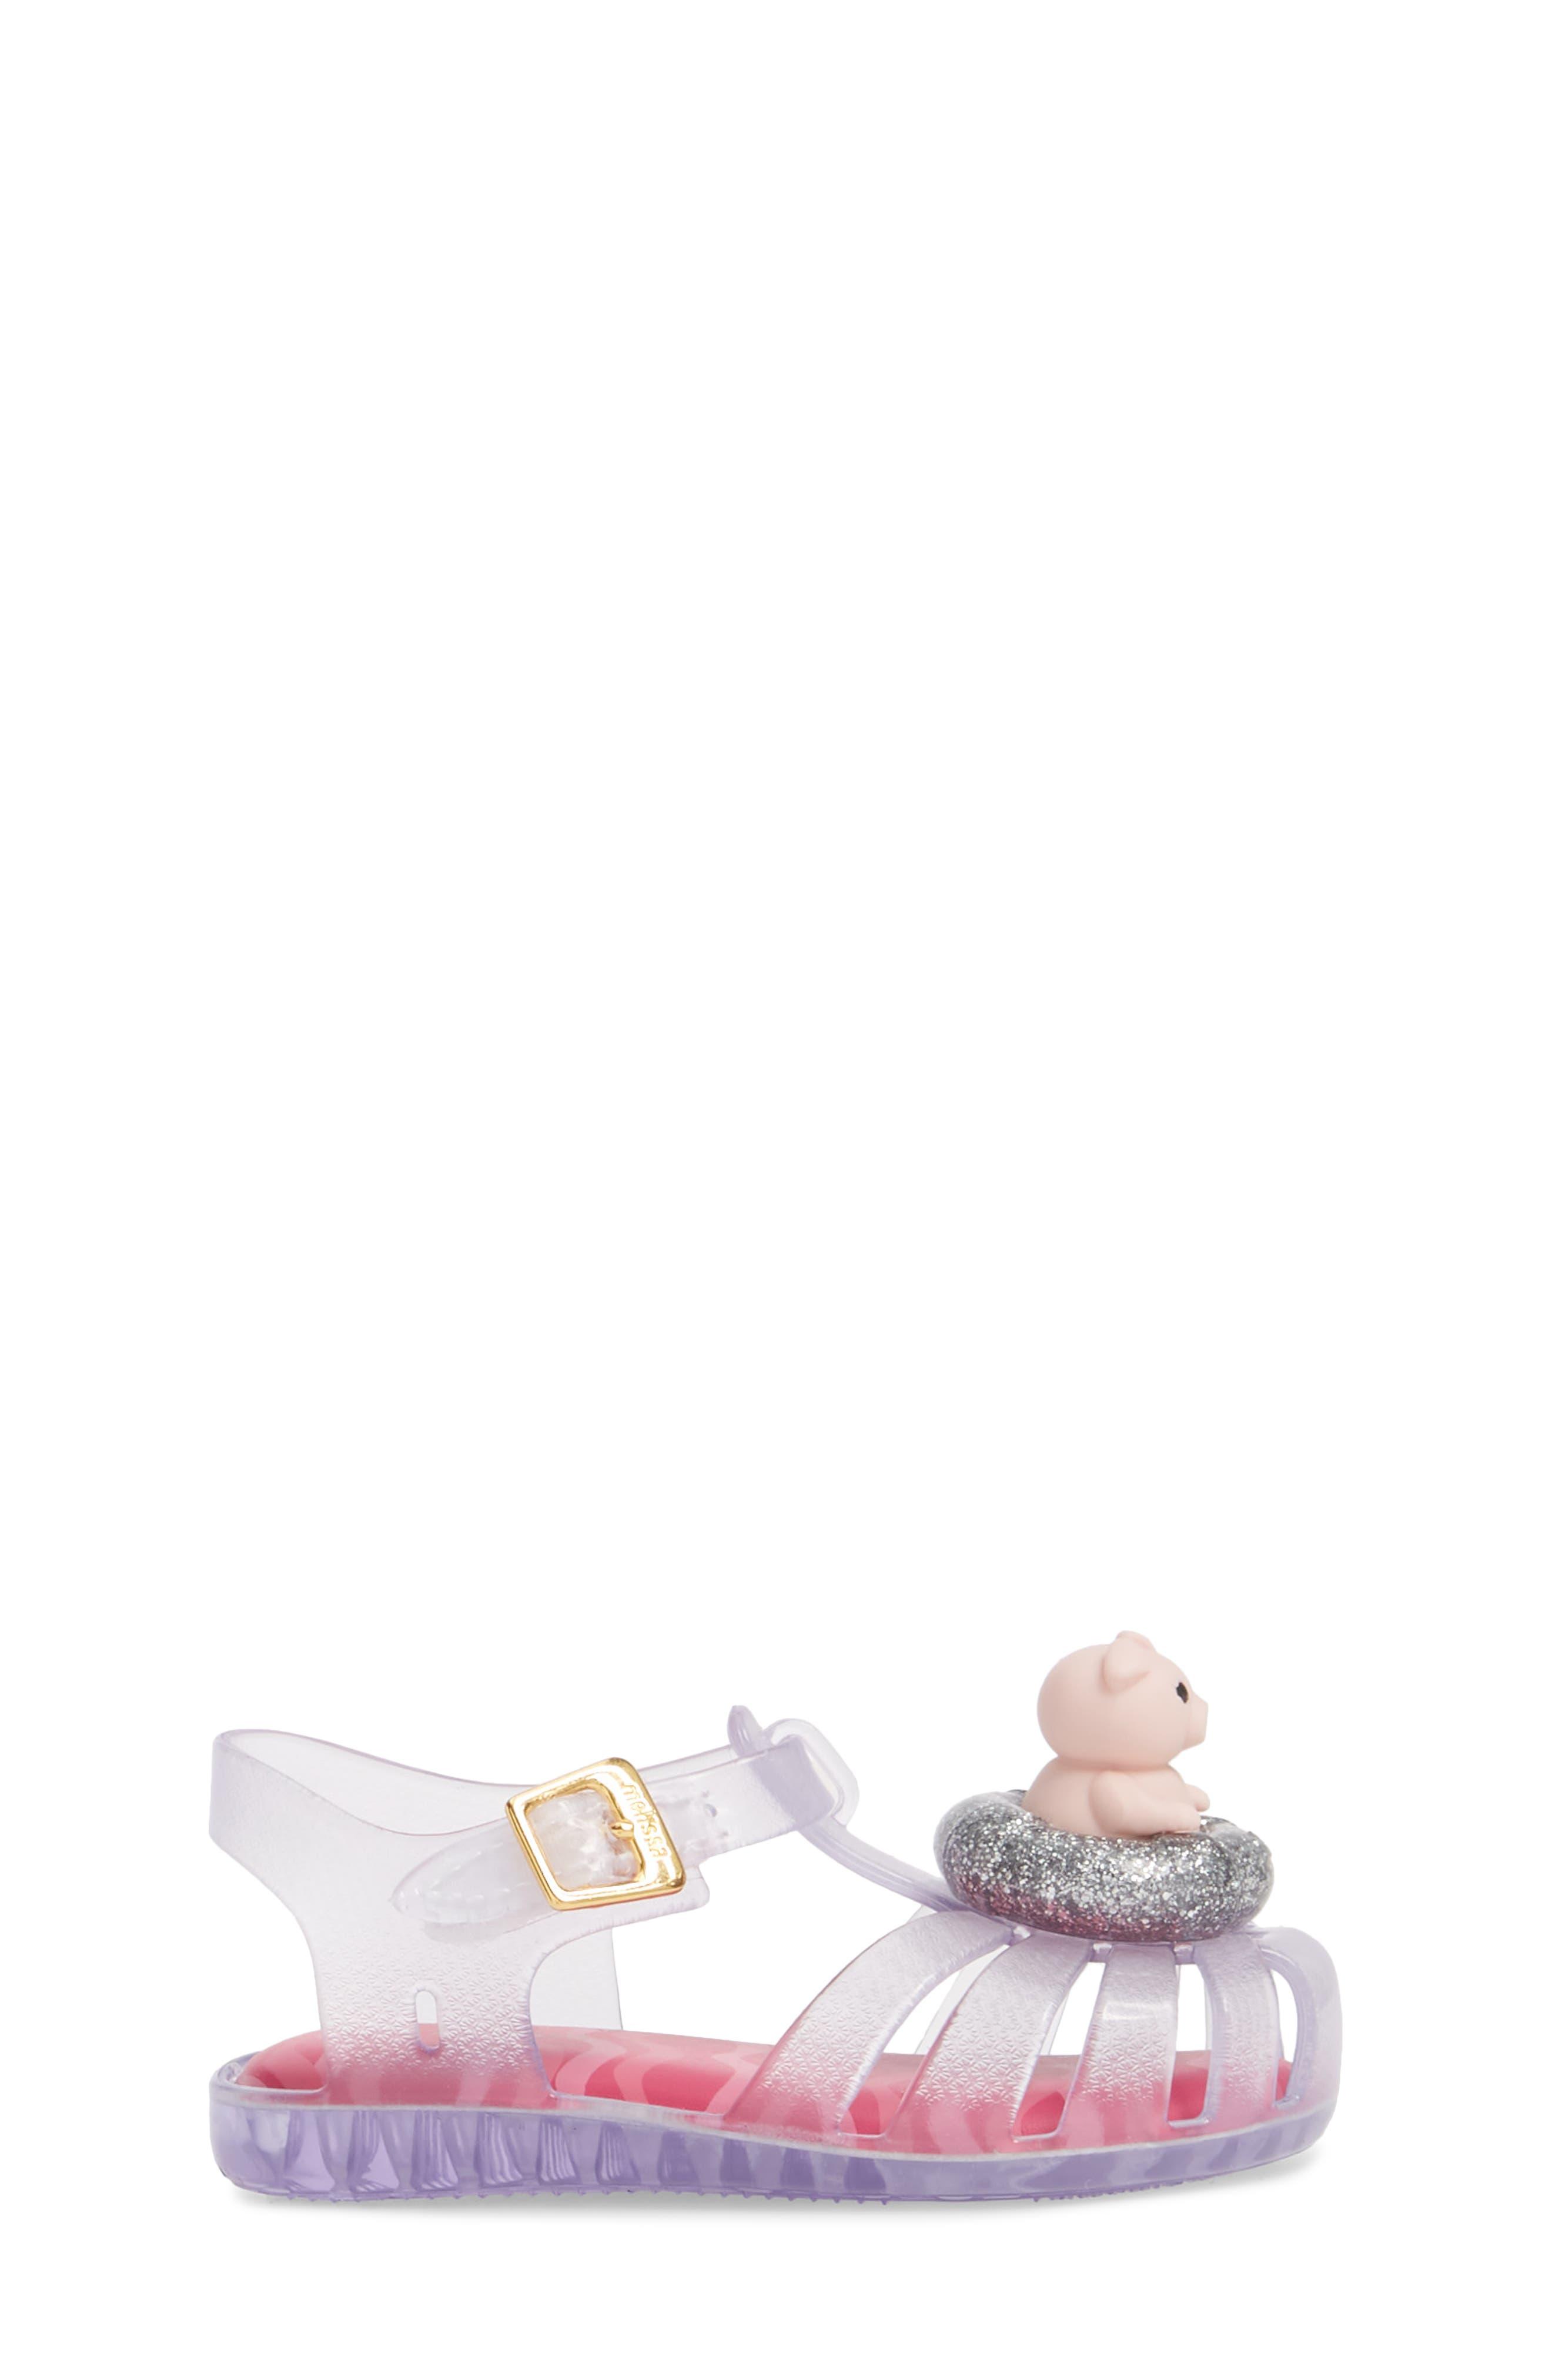 Alternate Image 3  - Mini Melissa Aranha XI Jelly Sandal (Walker & Toddler)